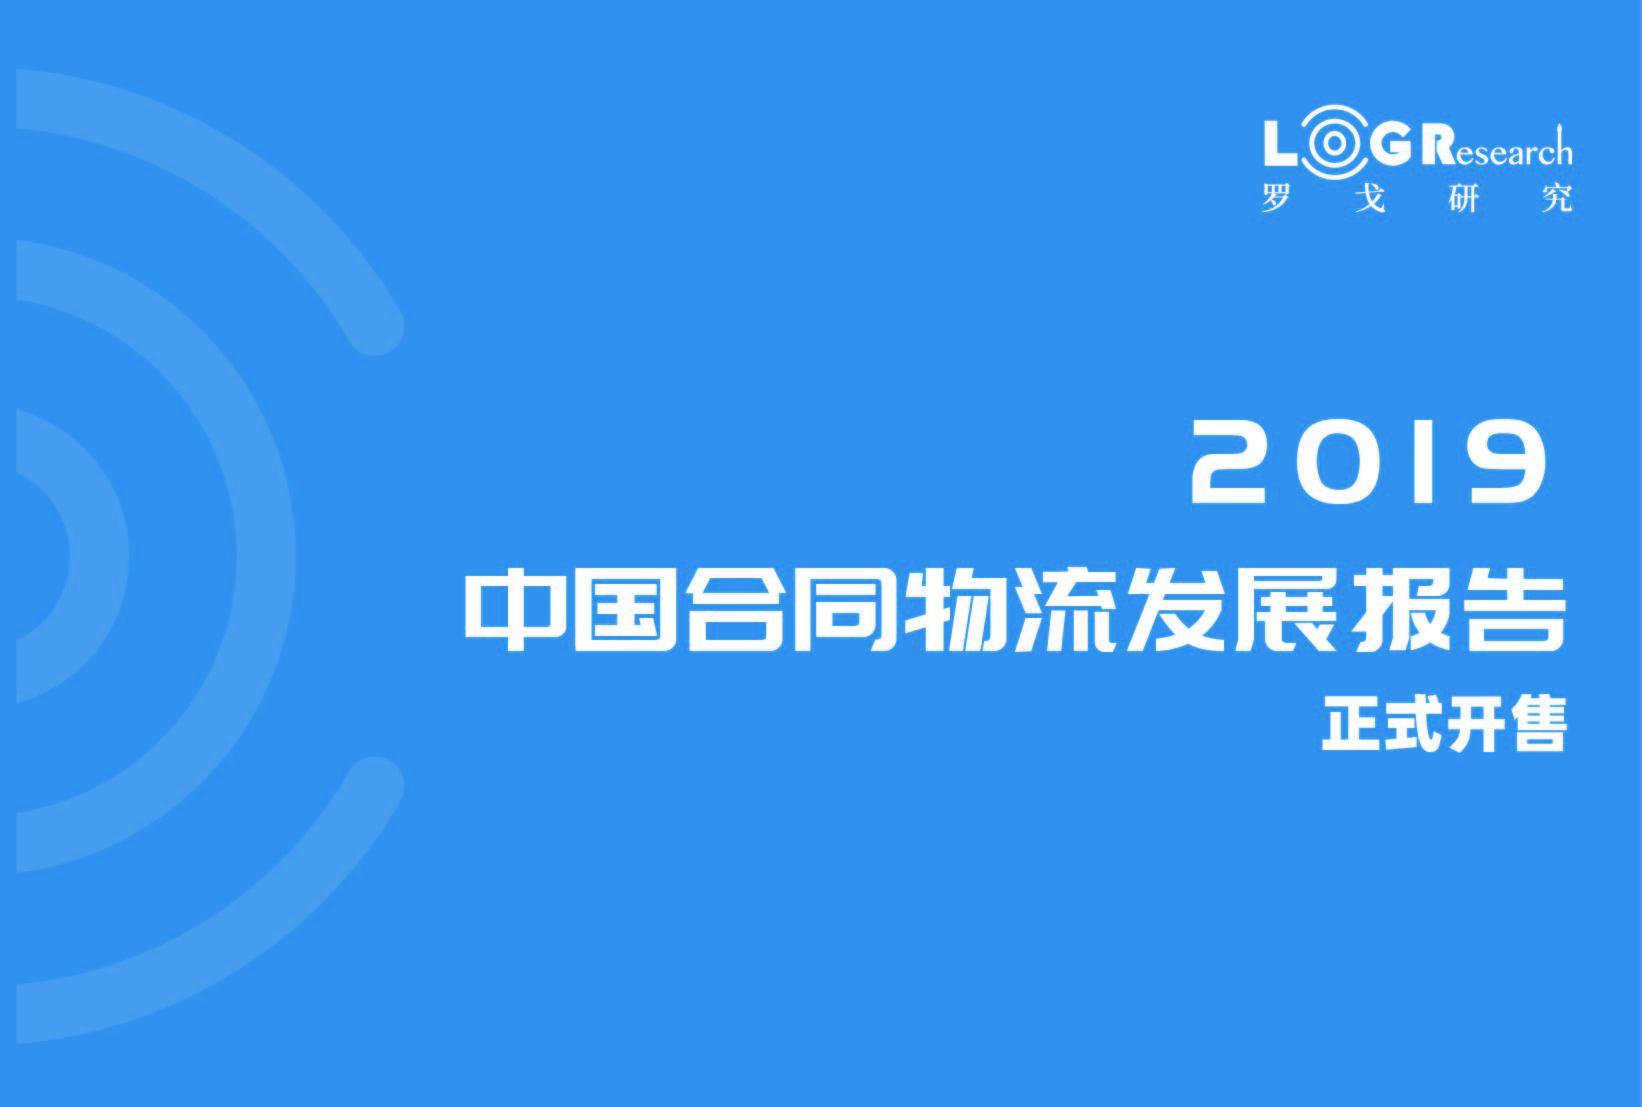 2019羅戈合同物流報告 - 數字化的合同物流新世界